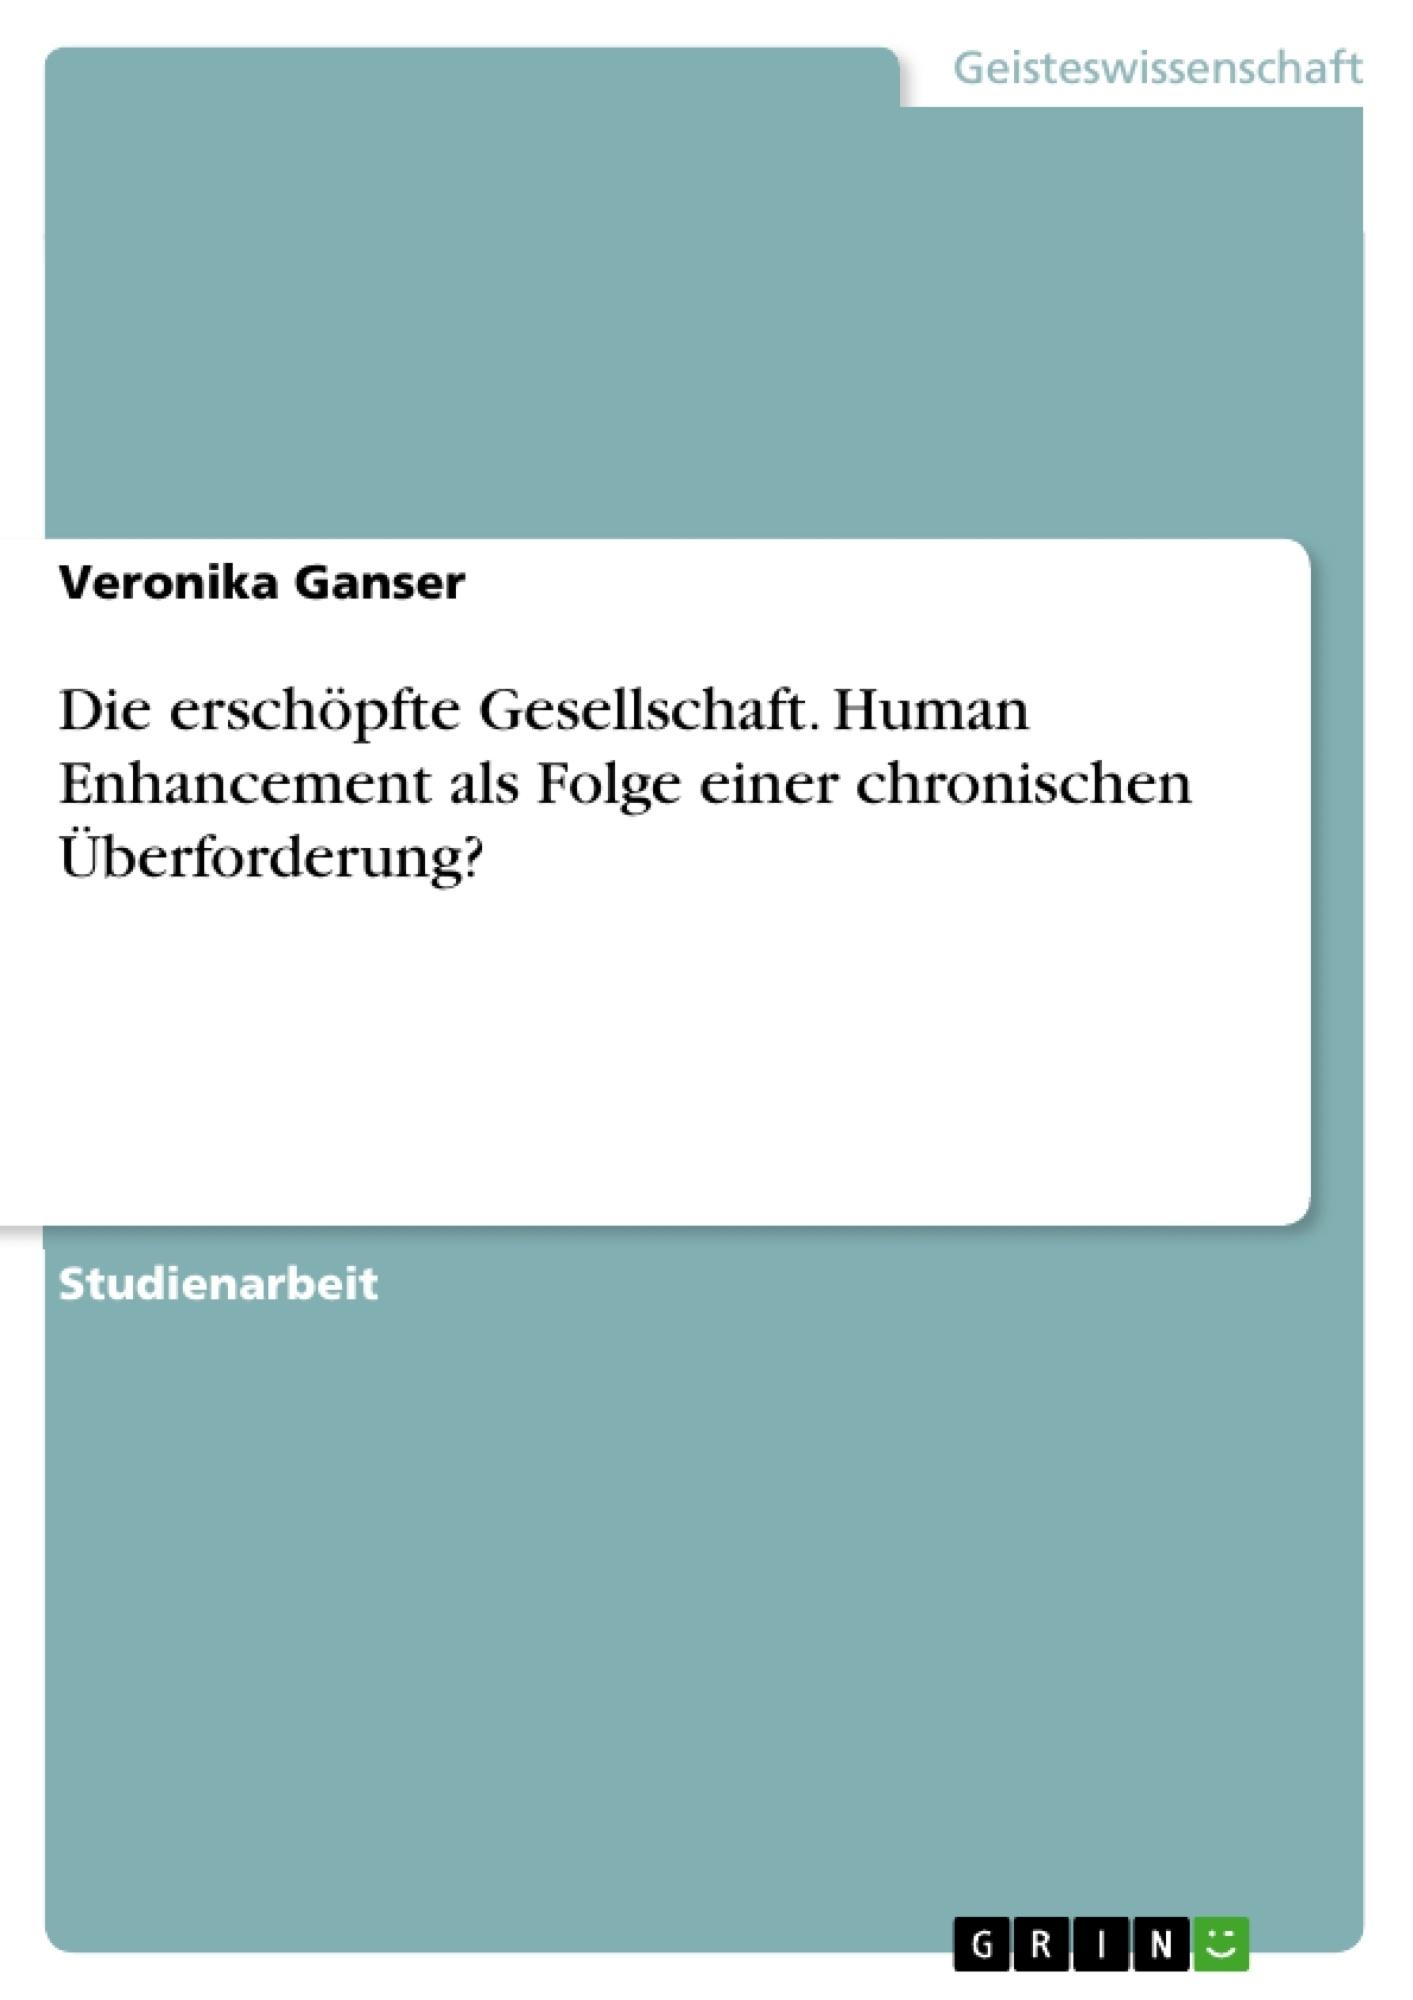 Titel: Die erschöpfte Gesellschaft. Human Enhancement als Folge einer chronischen Überforderung?